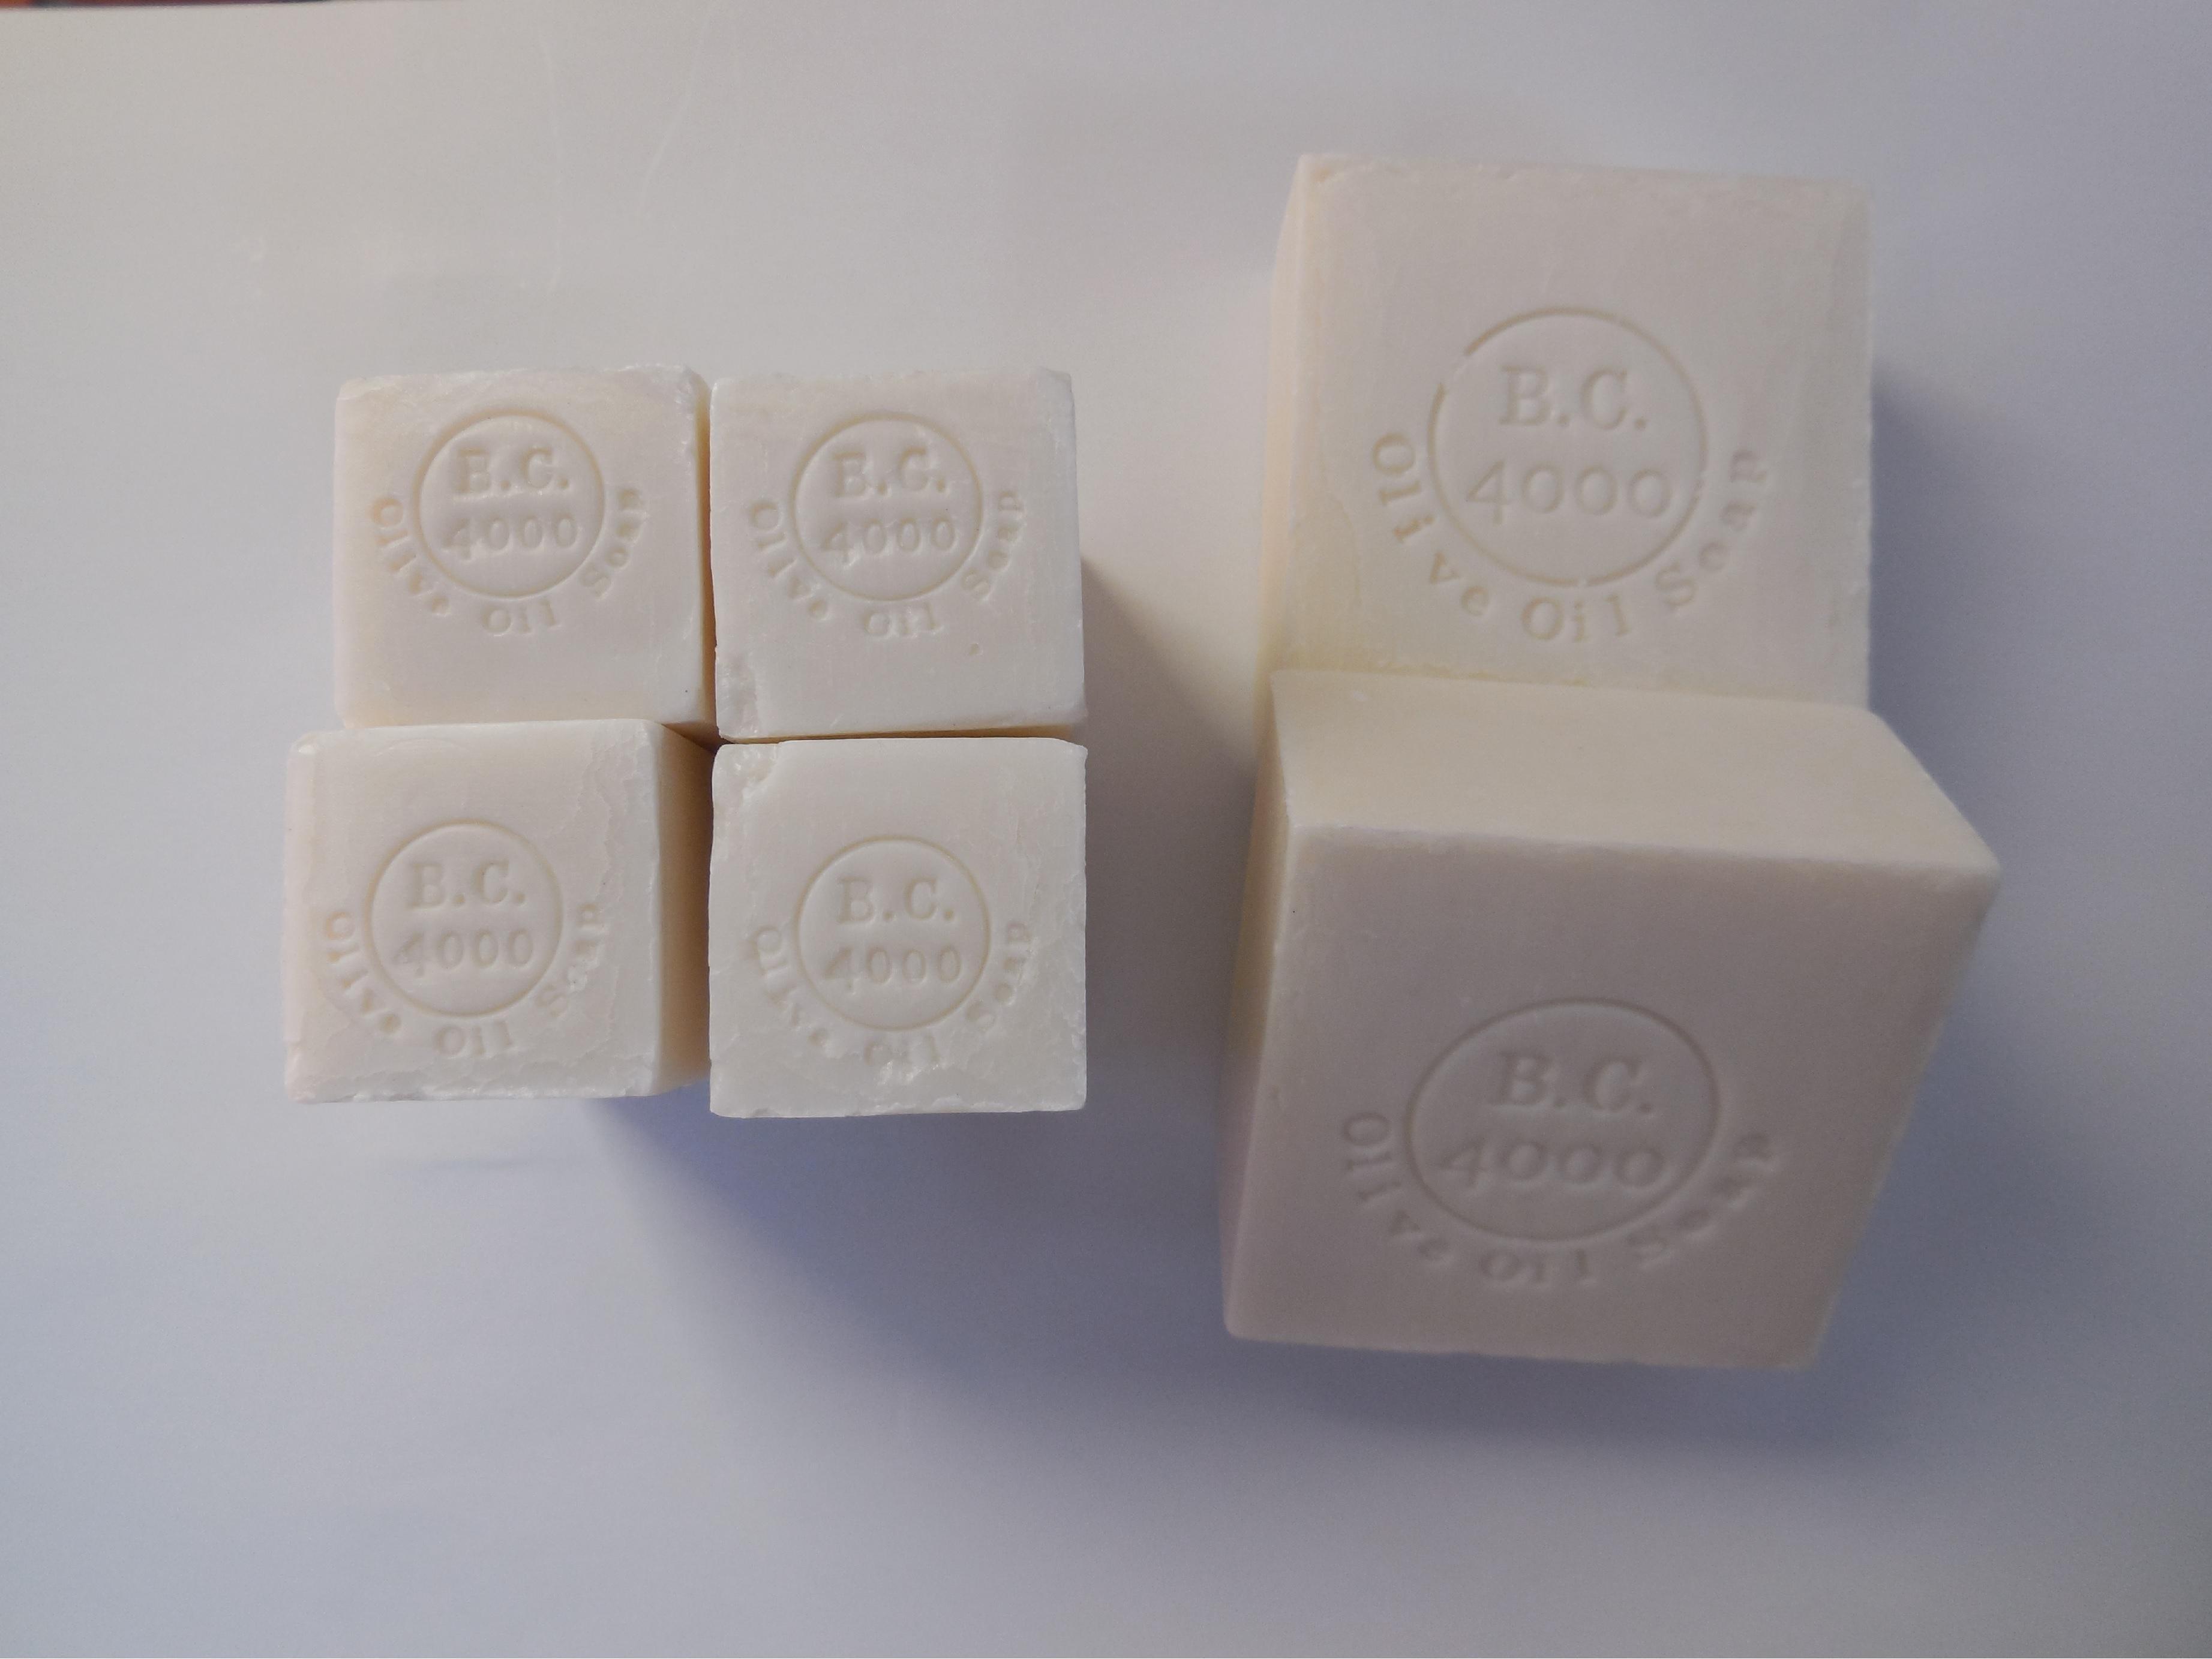 【定期購入】100%バージンオリーブオイル石鹸 100g×2 + 50g×4 送料無料